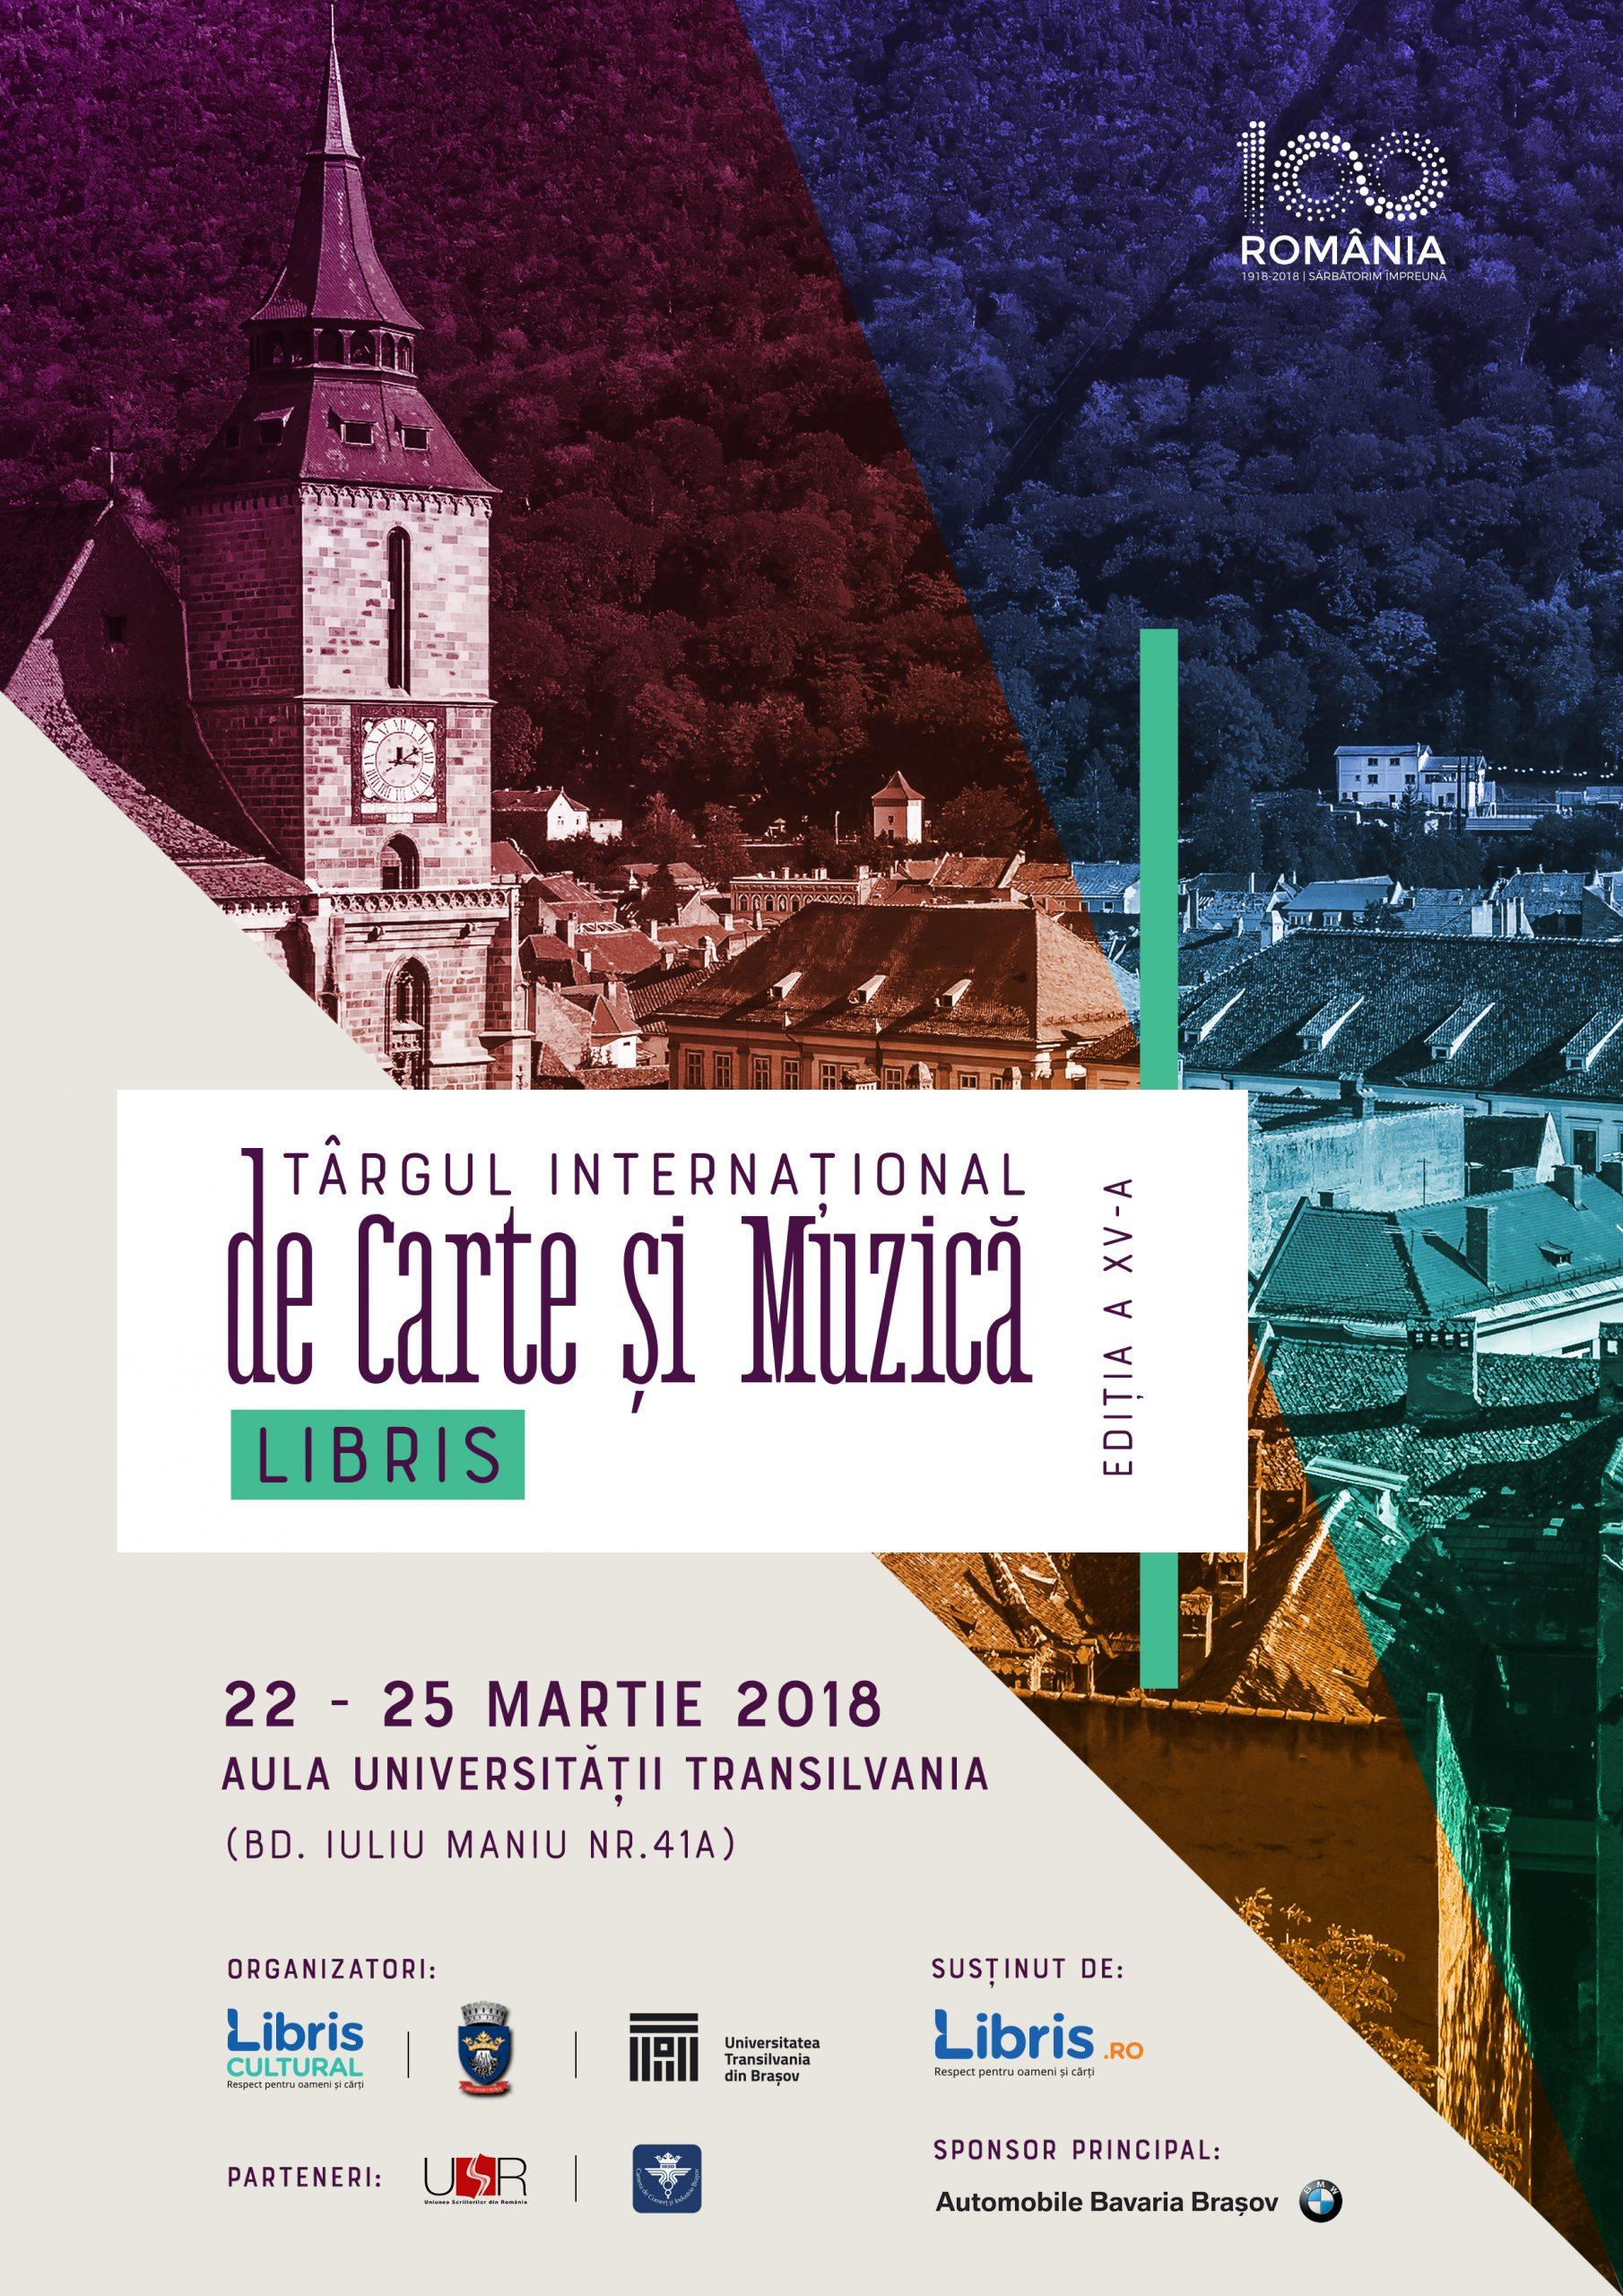 Târgul Internațional de Carte și Muzică Libris